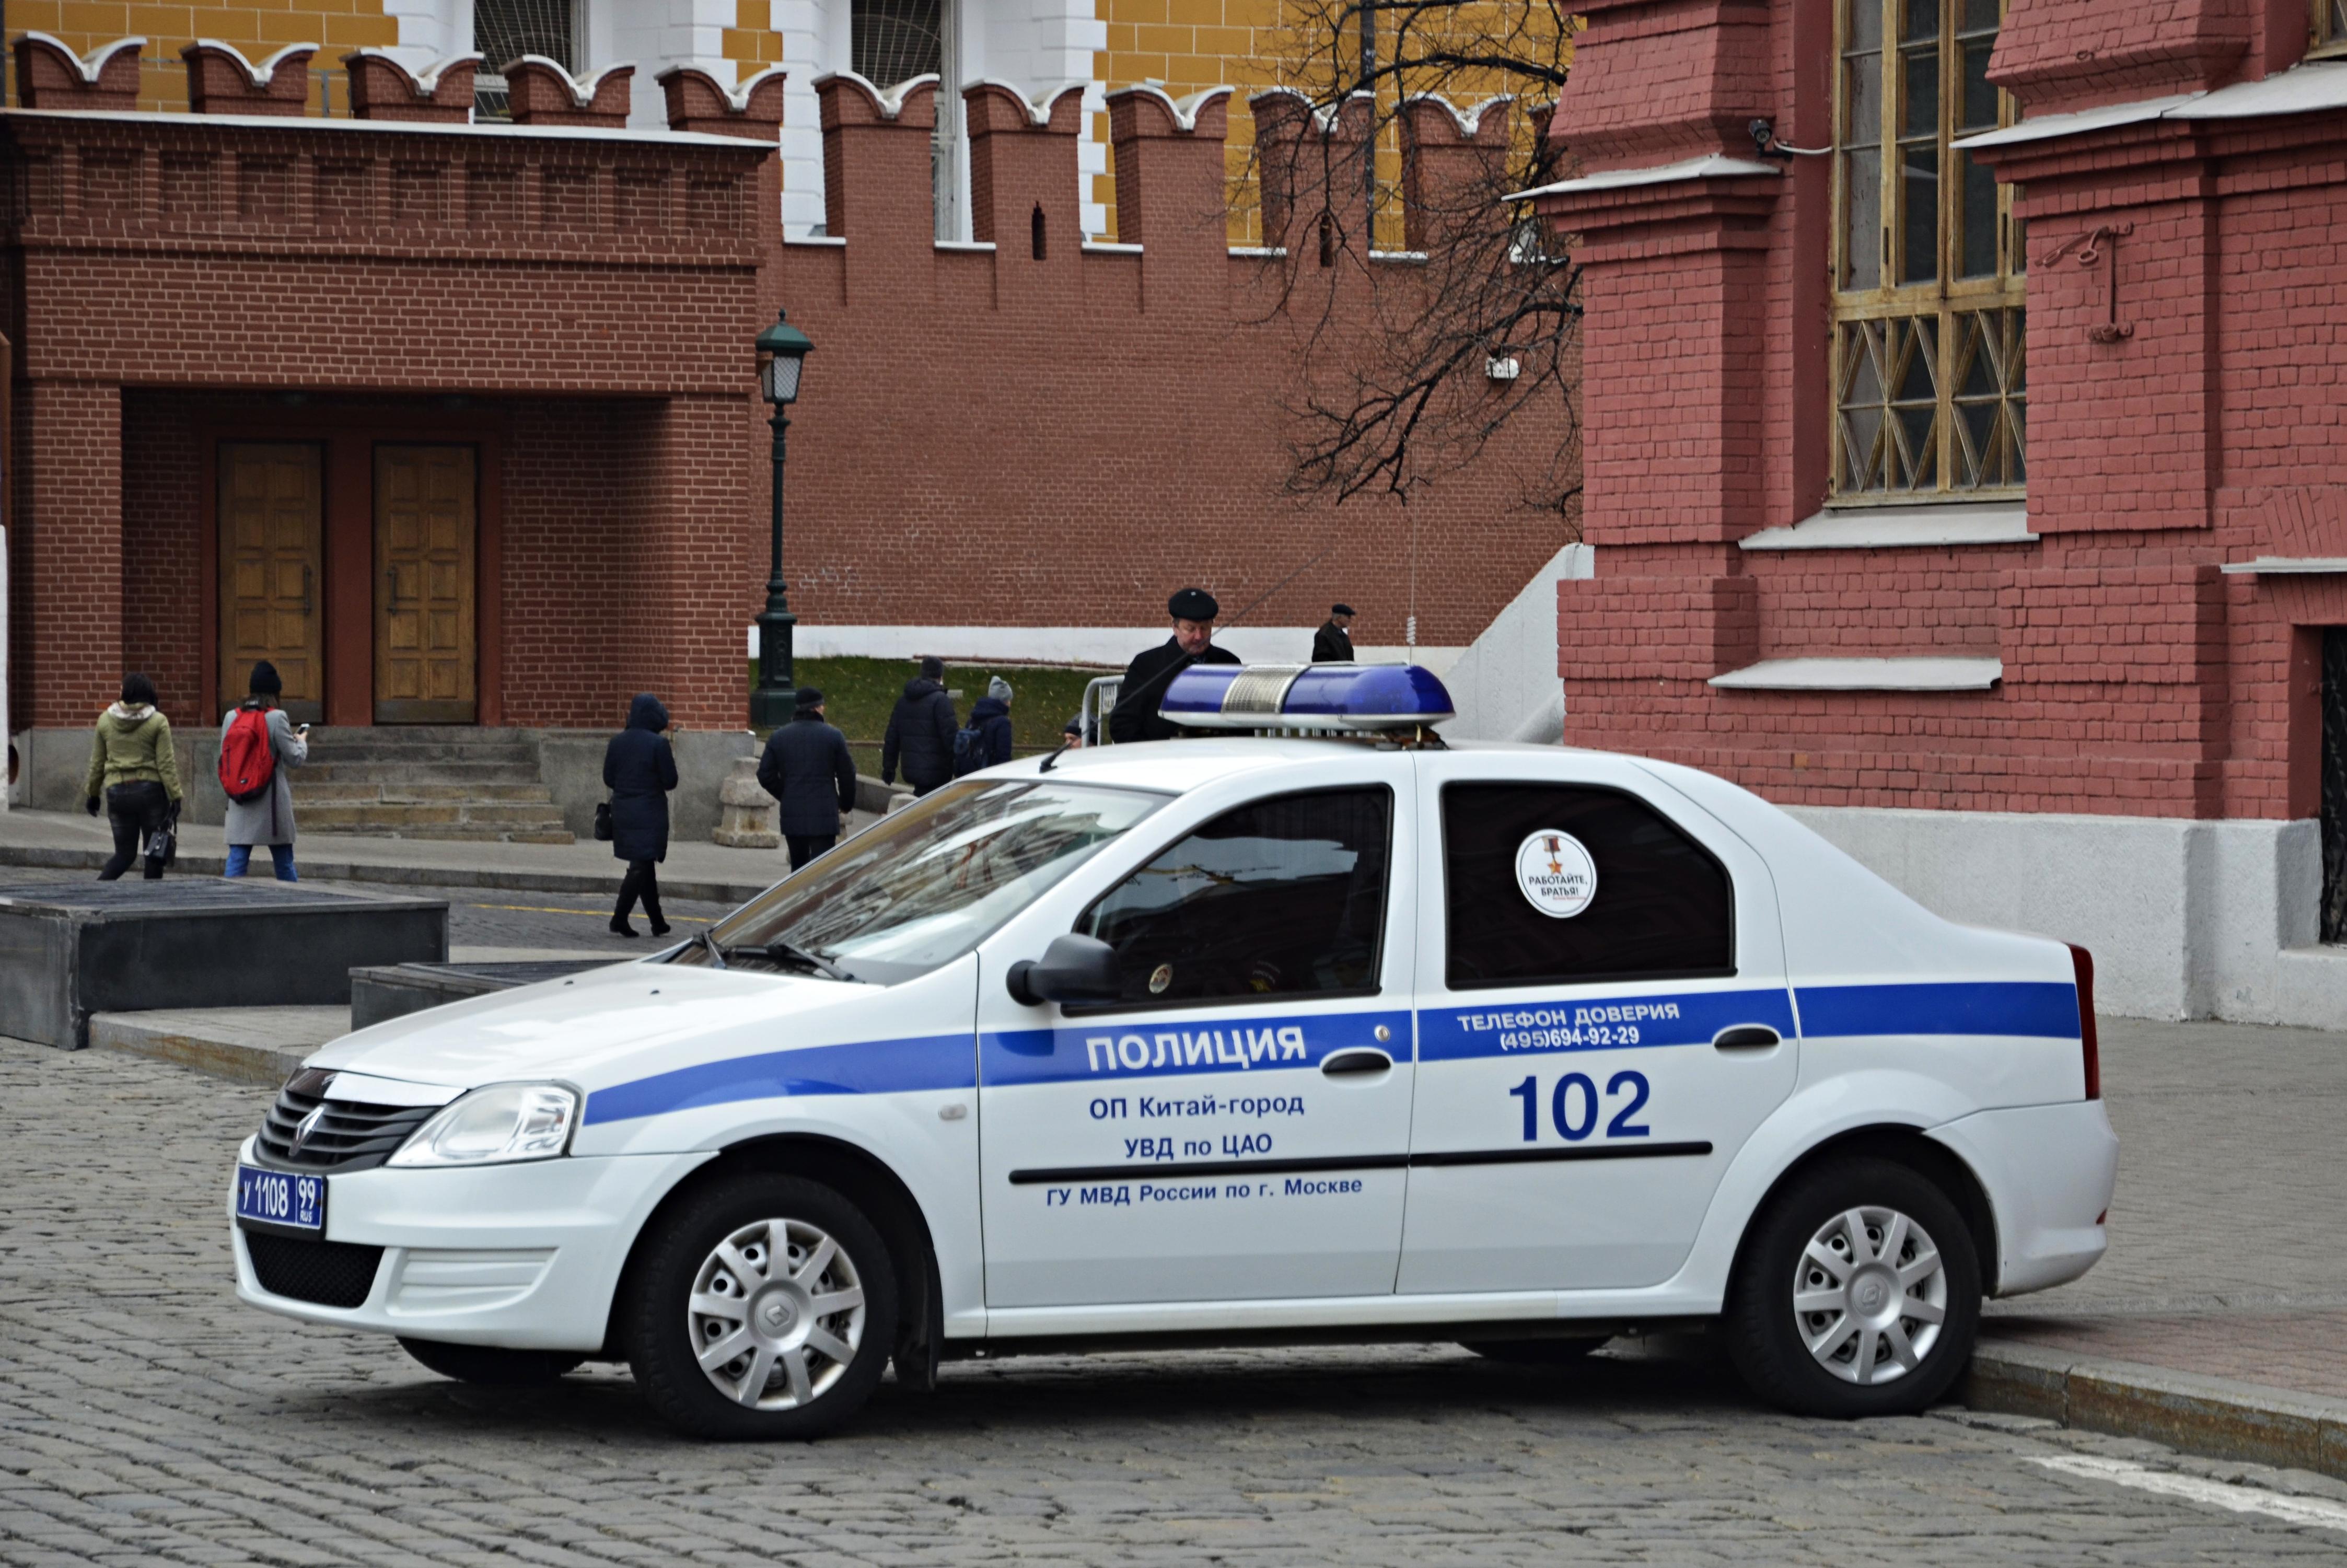 Посольство Армении, церковь и диаспора просят соотечественников не участвовать в провокация